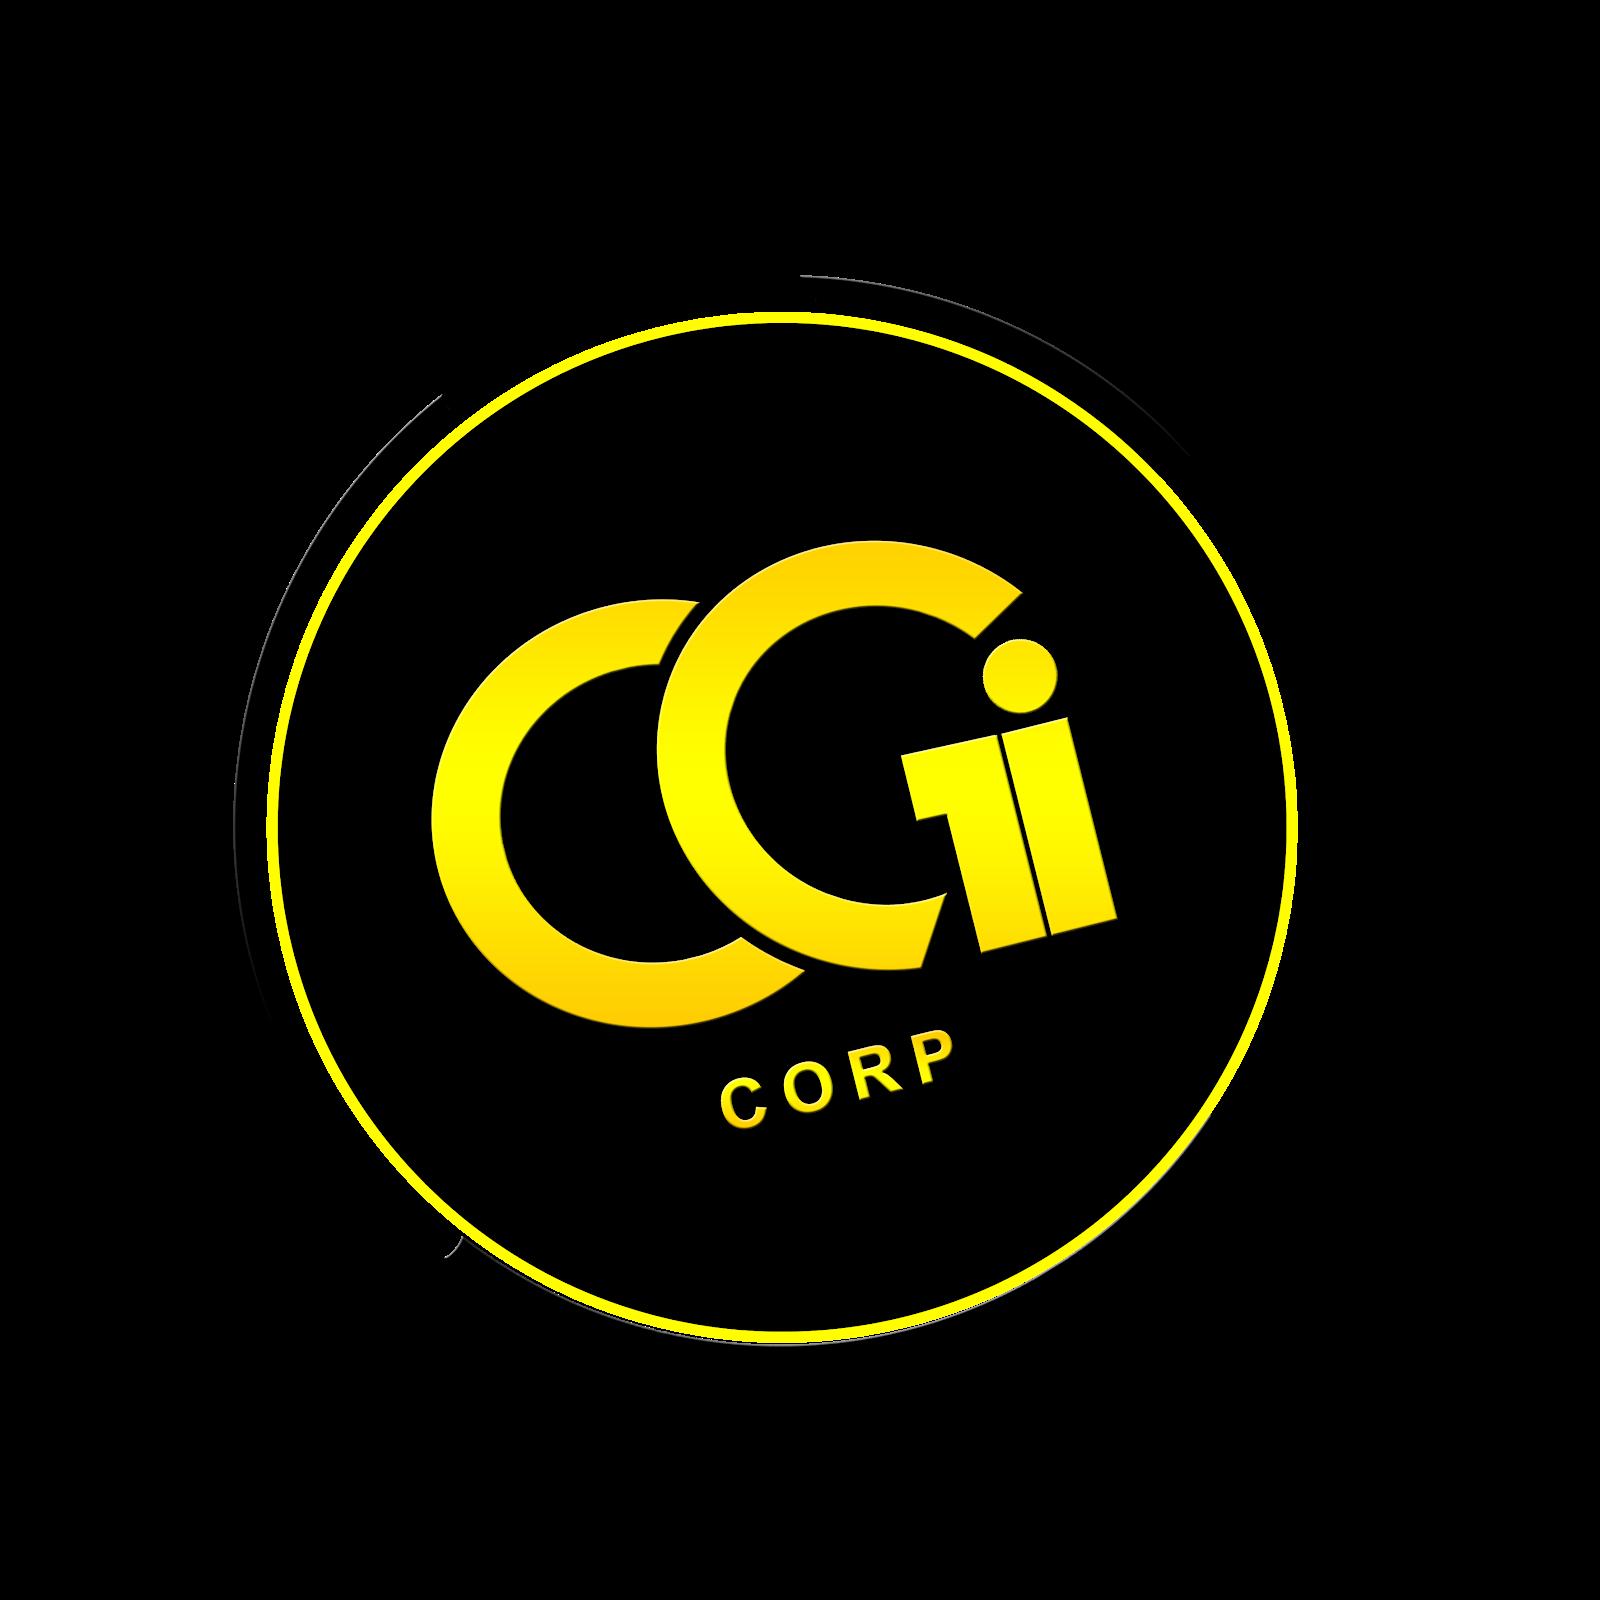 CGI Corp